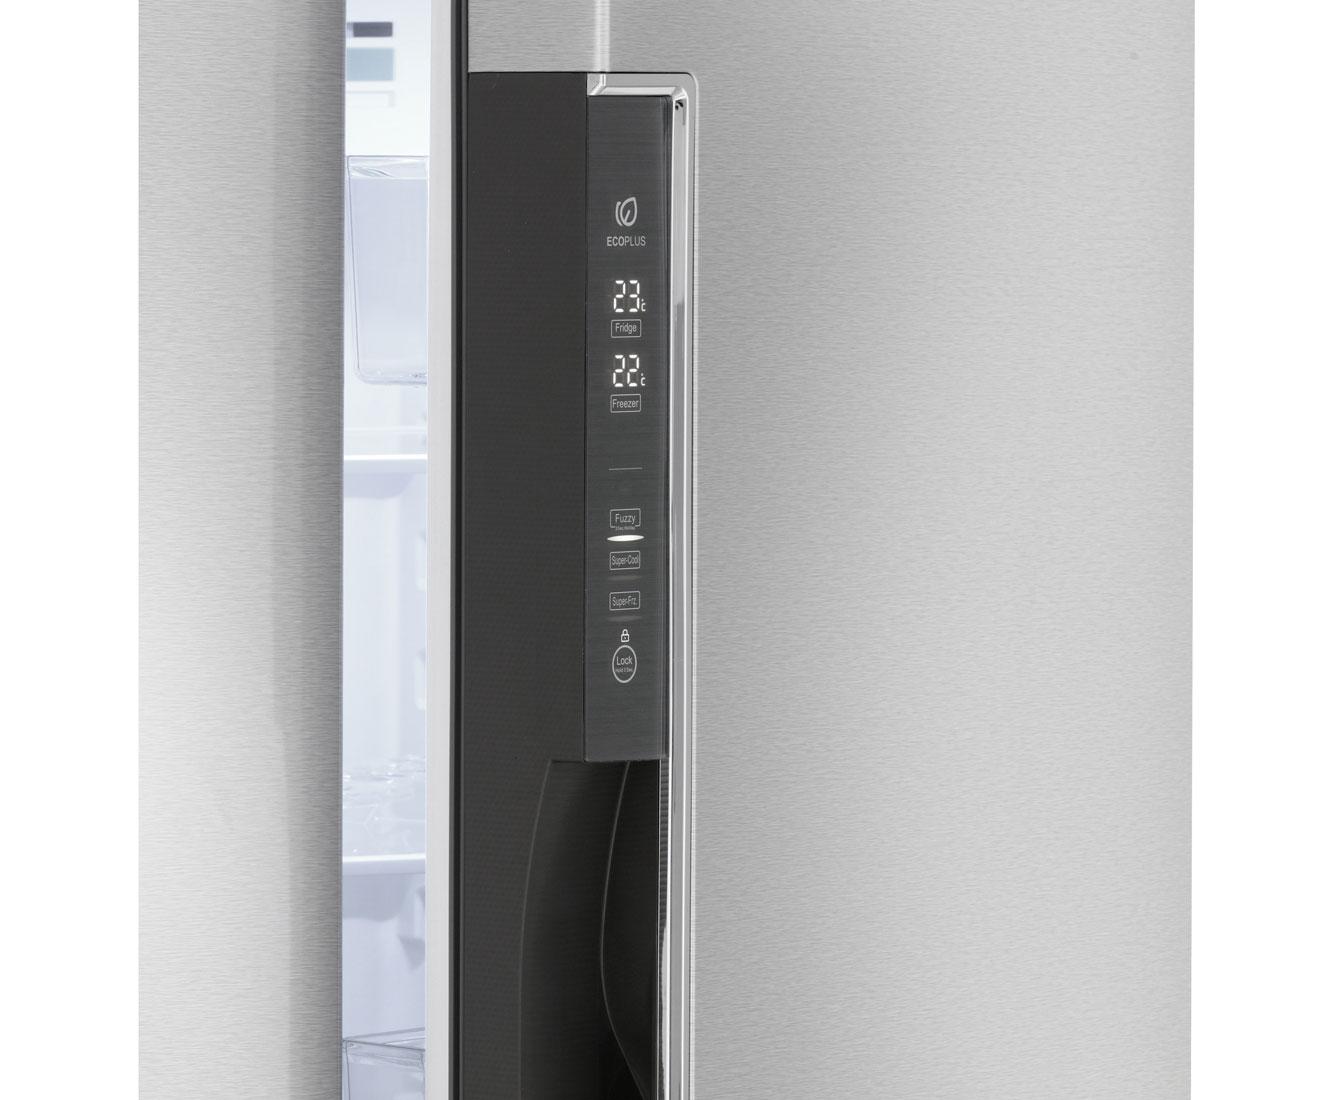 Amerikanischer Kühlschrank Mit Fernseher : Haier hrf 450ds6 amerikanischer side by side 447l edelstahl optik a